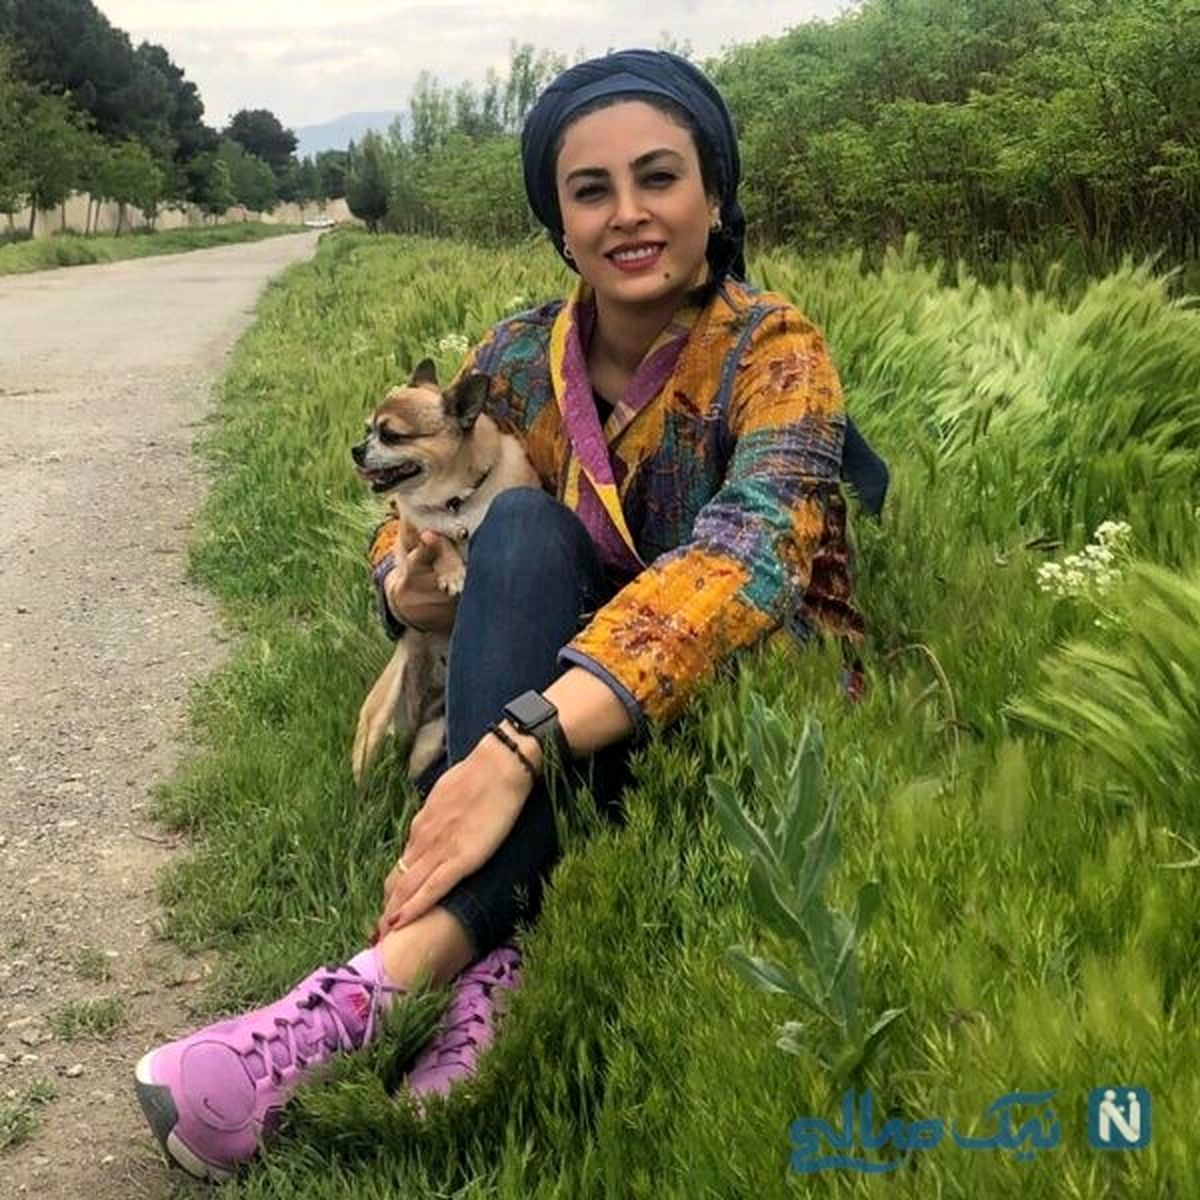 چالش جذاب و جدید حدیث تهرانی و همسرش + فیلم